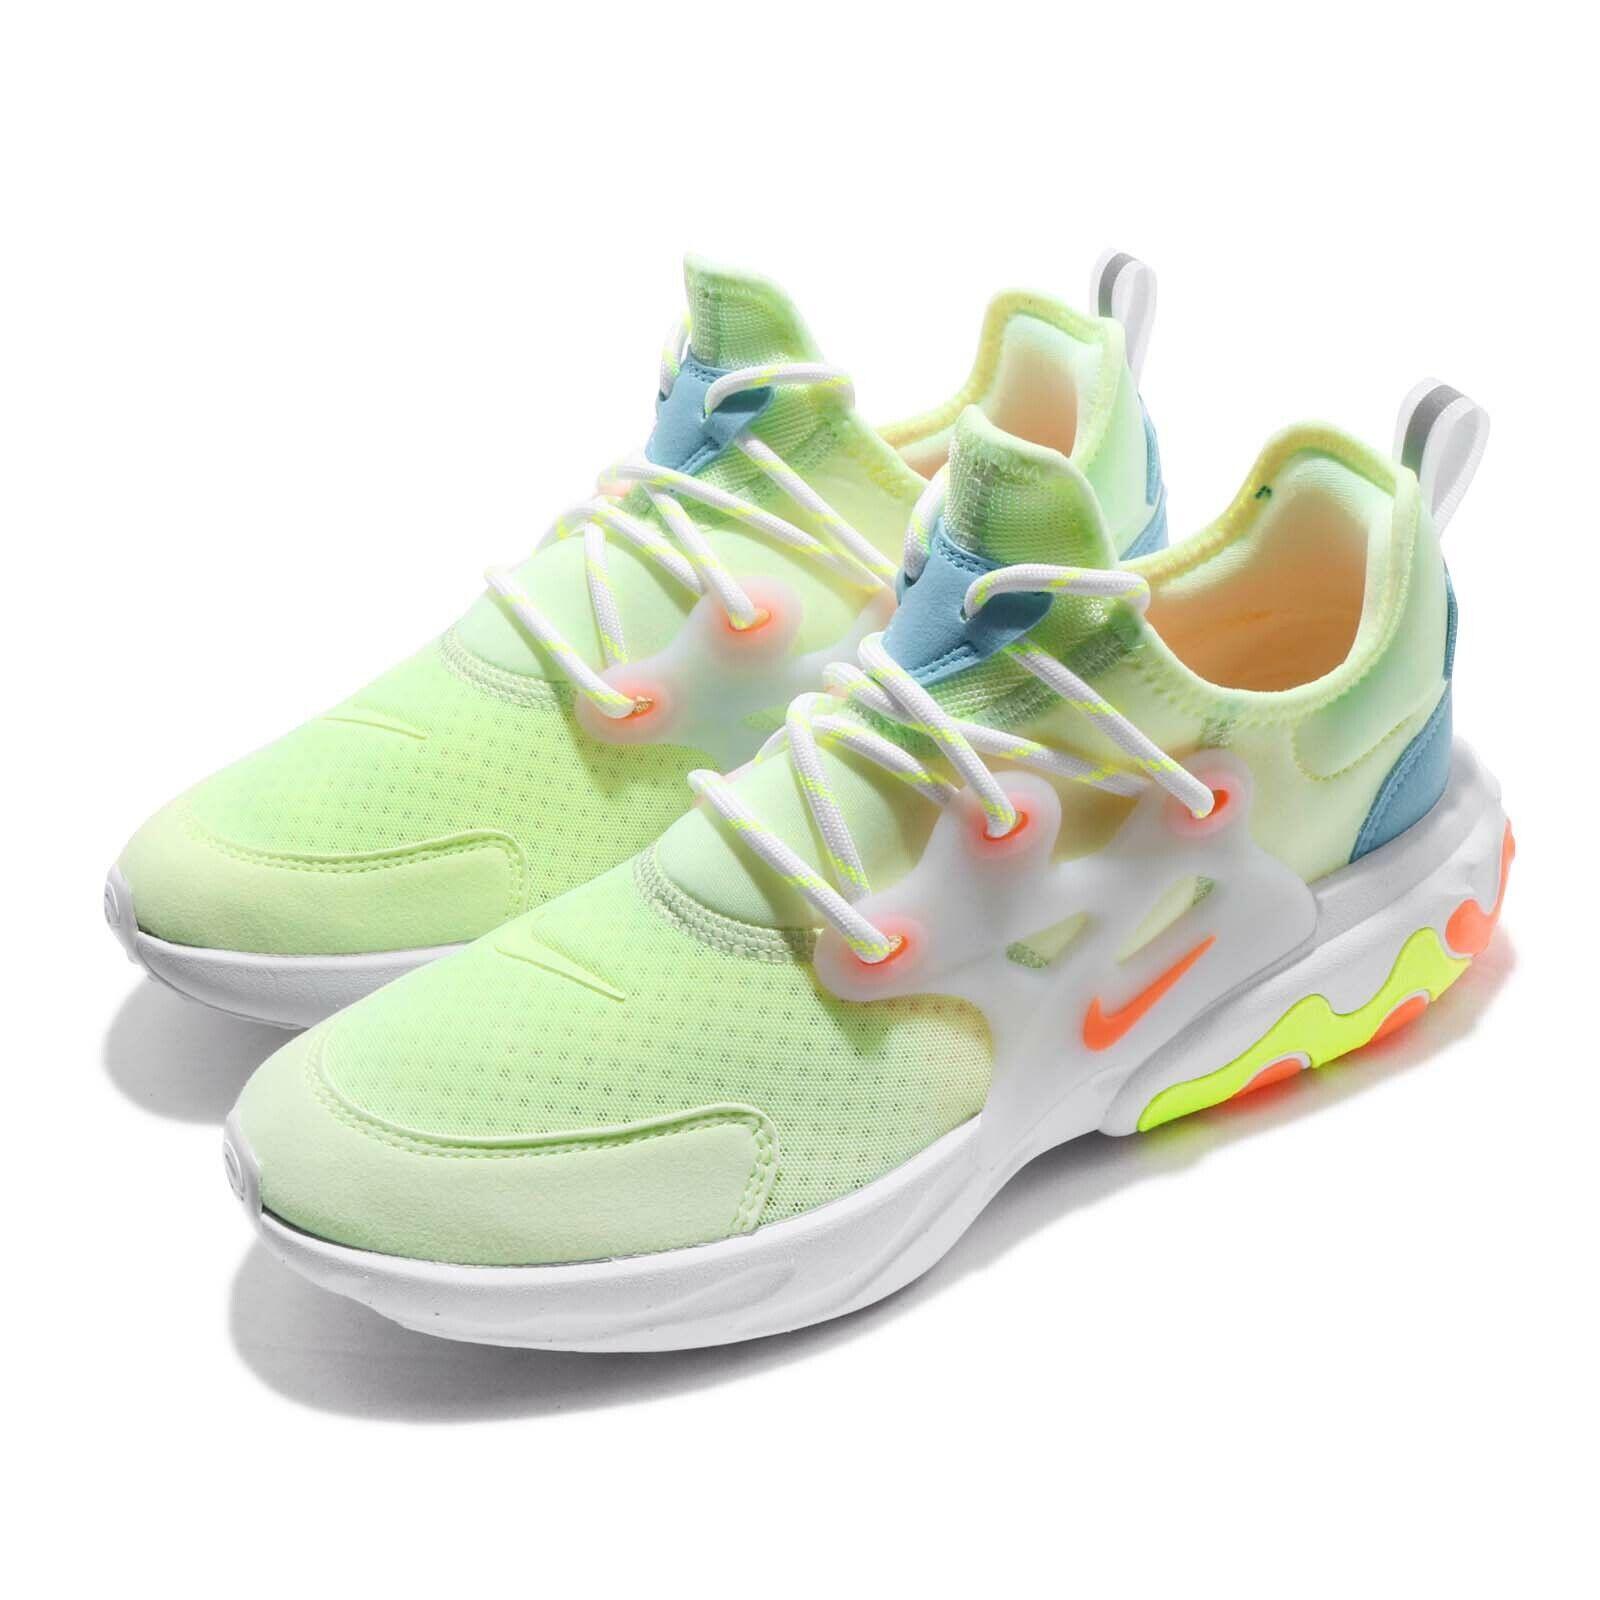 Nike React Presto GS Nauwelijks Volt Hyper Crimson Kind Youth Womannen schoenen BQ4002-700